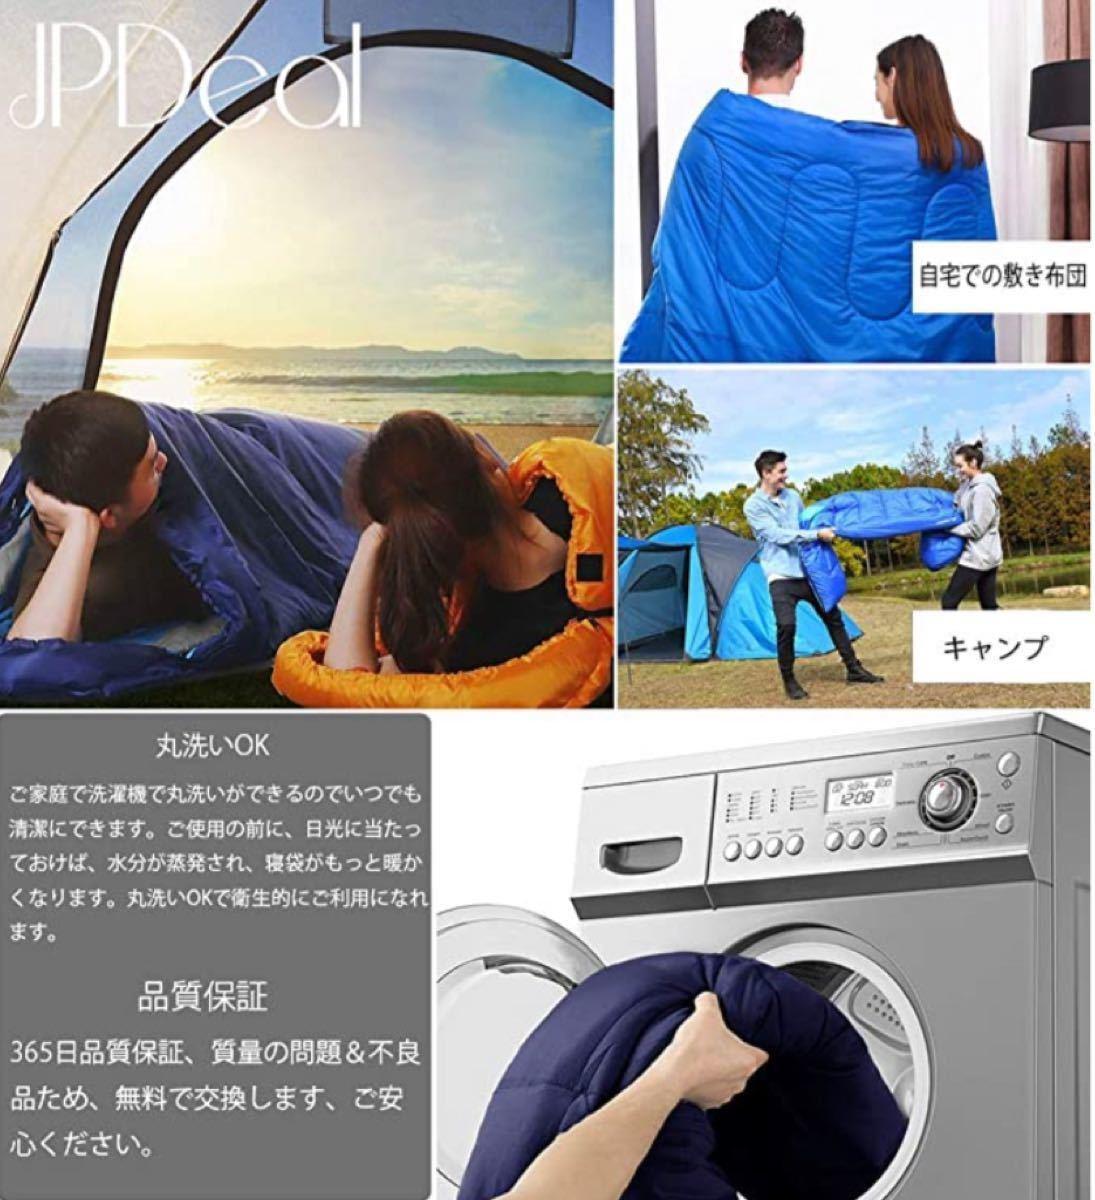 【寝袋】 キャンプ アウトドア 防災 封筒型 保温 軽量 コンパクト 洗濯可能 シュラフ